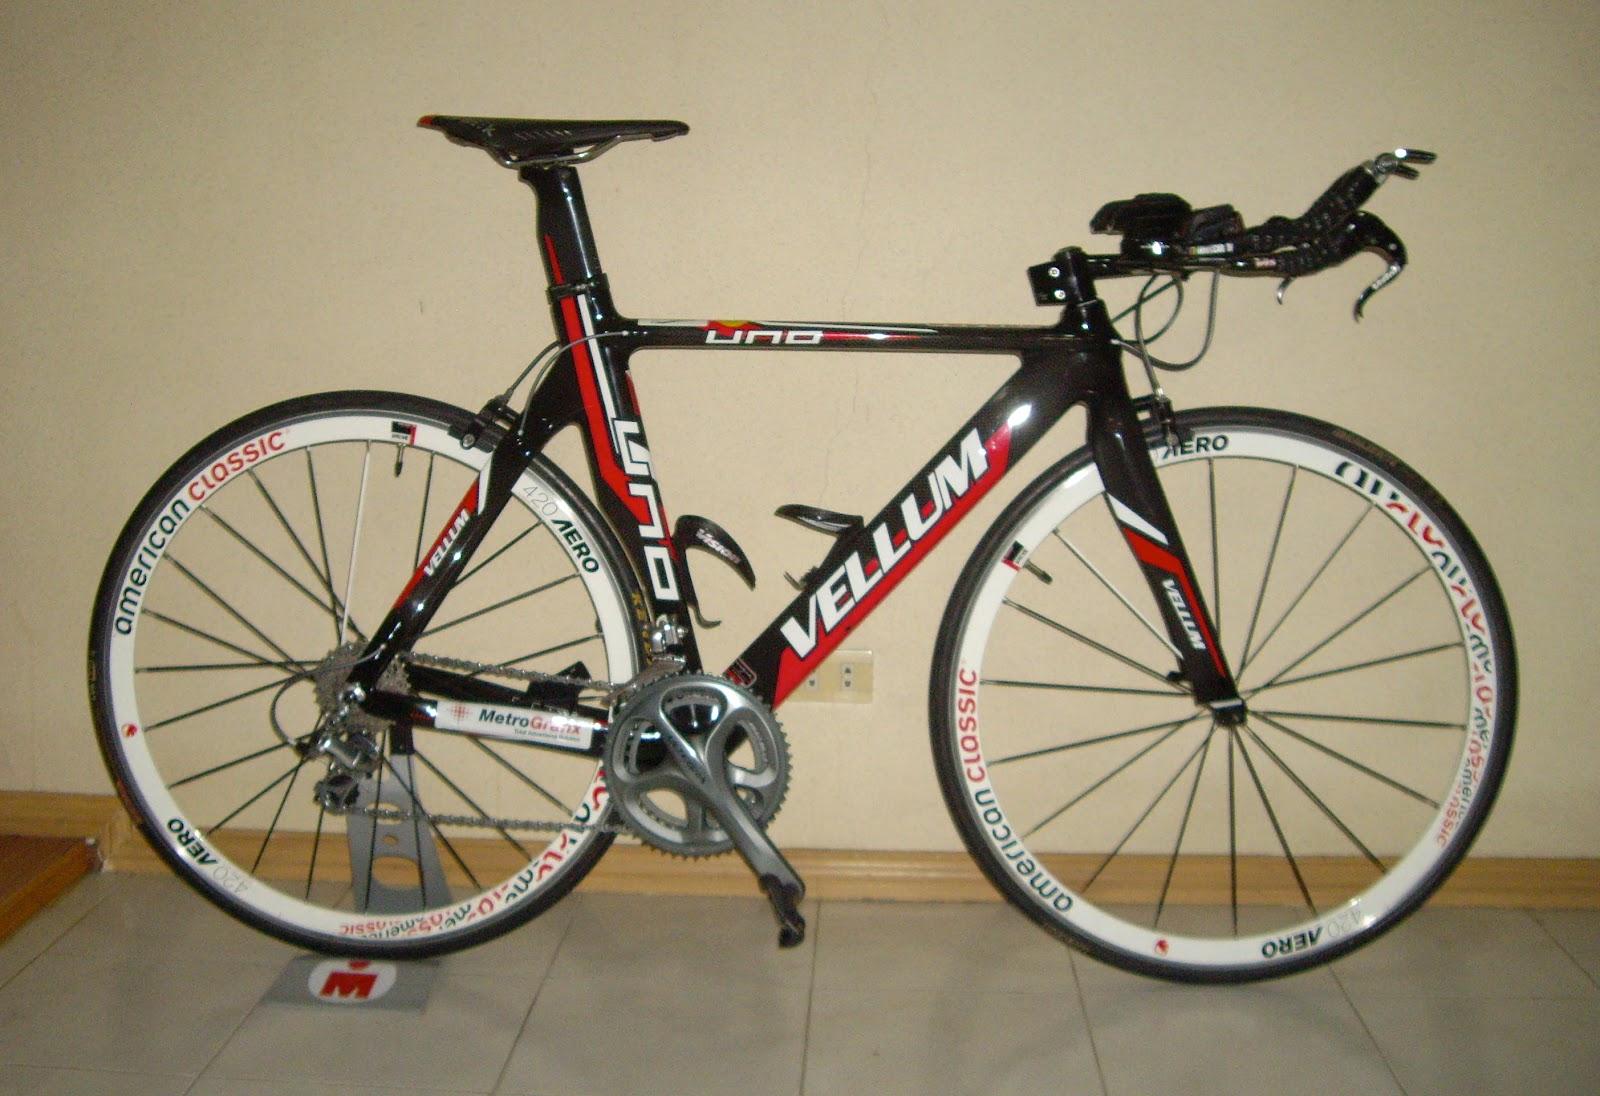 http://4.bp.blogspot.com/-GgeZchRli9Y/T0sA_UkT_qI/AAAAAAAACrU/gymb5AaPc3A/s1600/AUBREY+Black+Tires.jpg